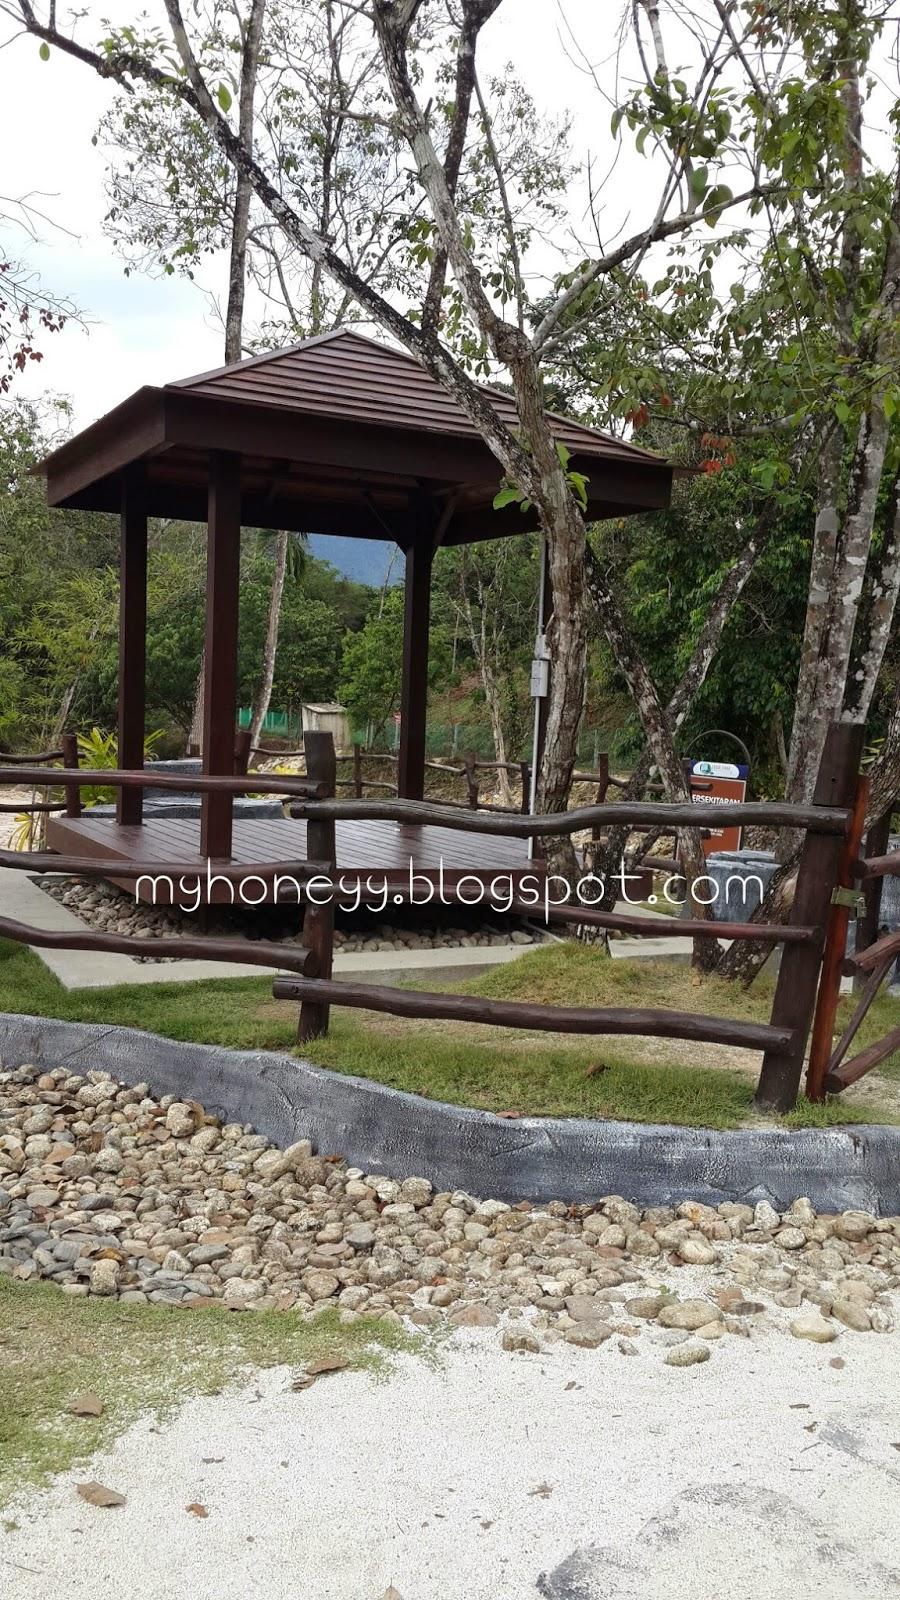 lubuk_timah_hot_spring